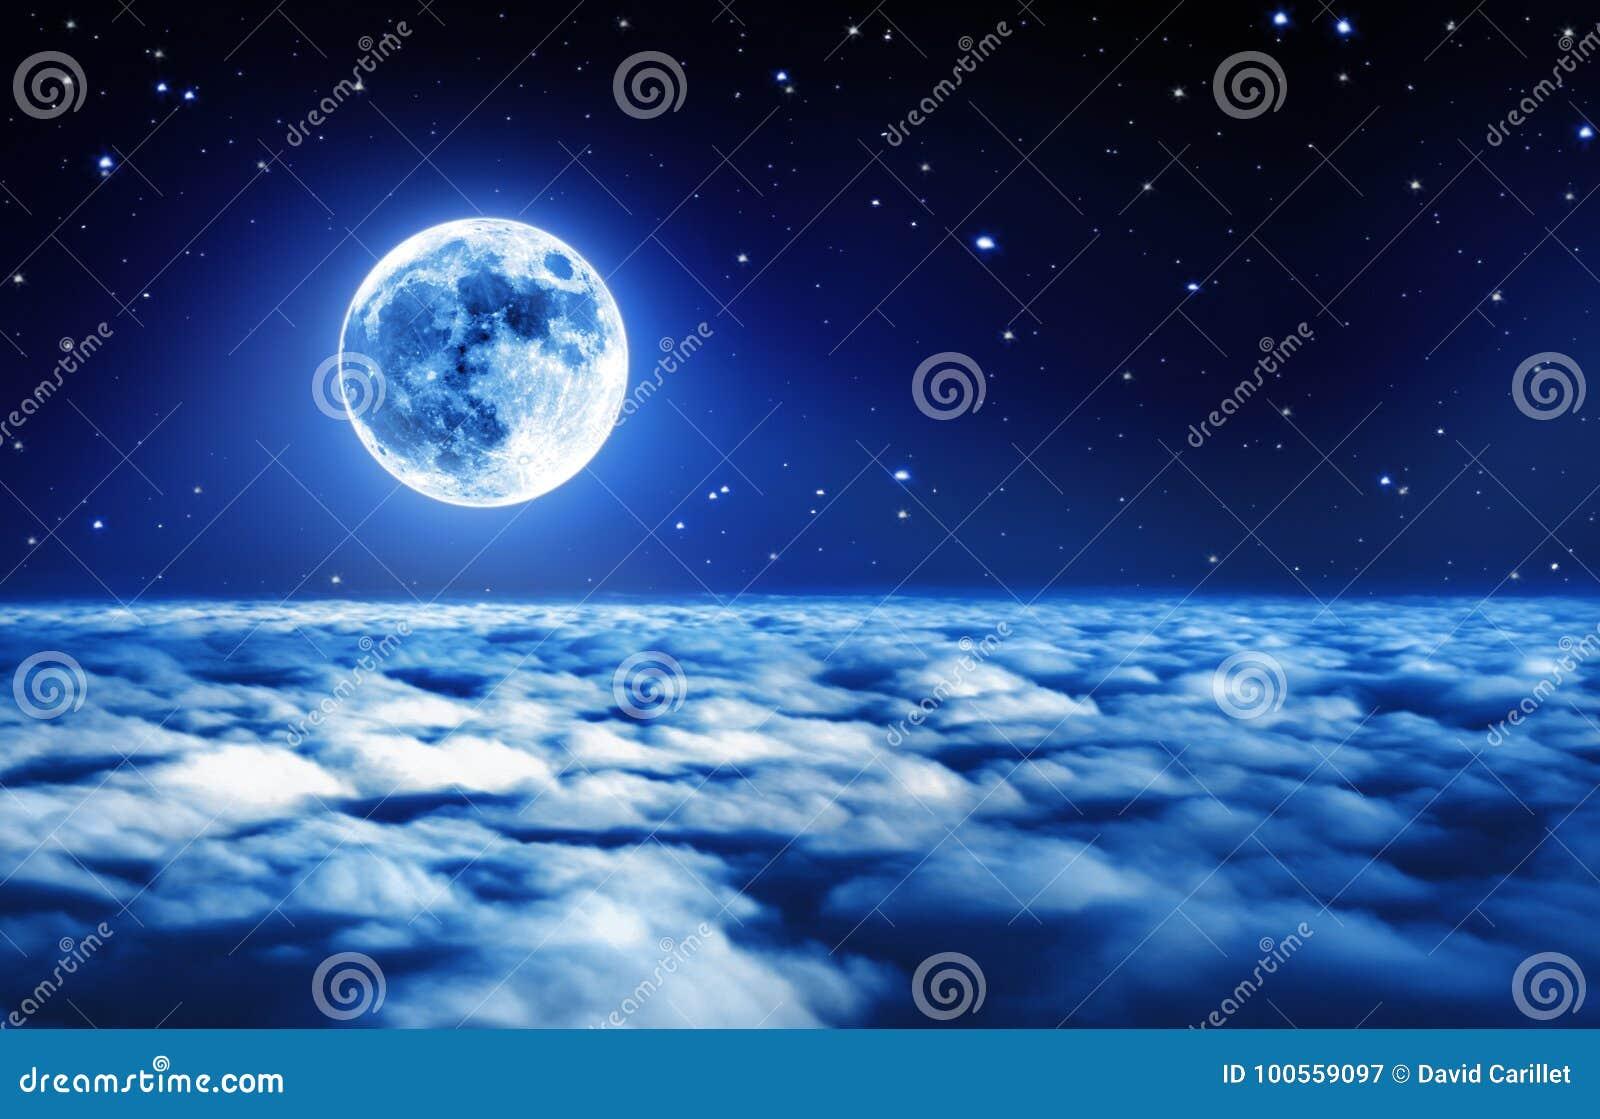 Heller Vollmond in einem sternenklaren nächtlichen Himmel über träumerischen Wolken mit weichem glühendem Licht